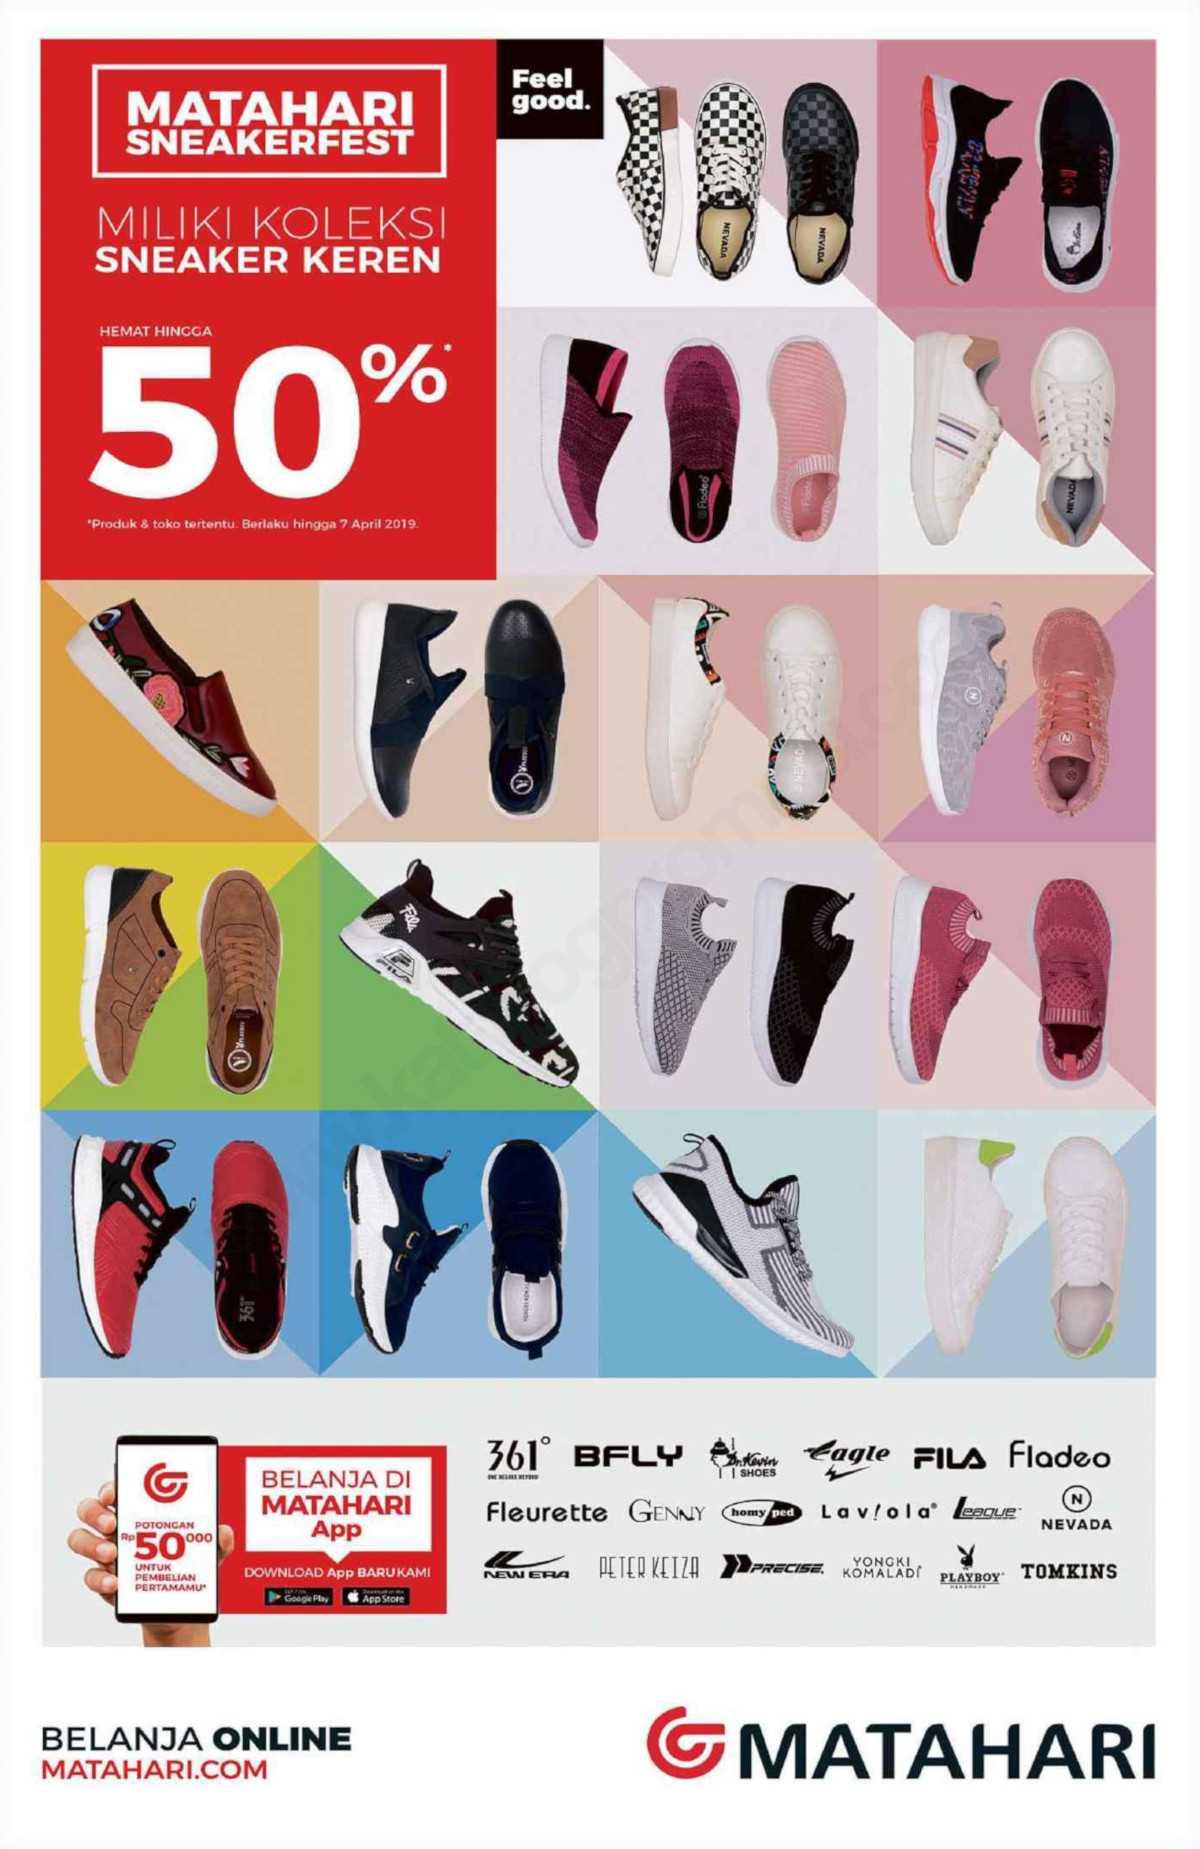 MATAHARI Department Store KOLEKSI Sneakers Keren – HEMAT HINGGA 50%